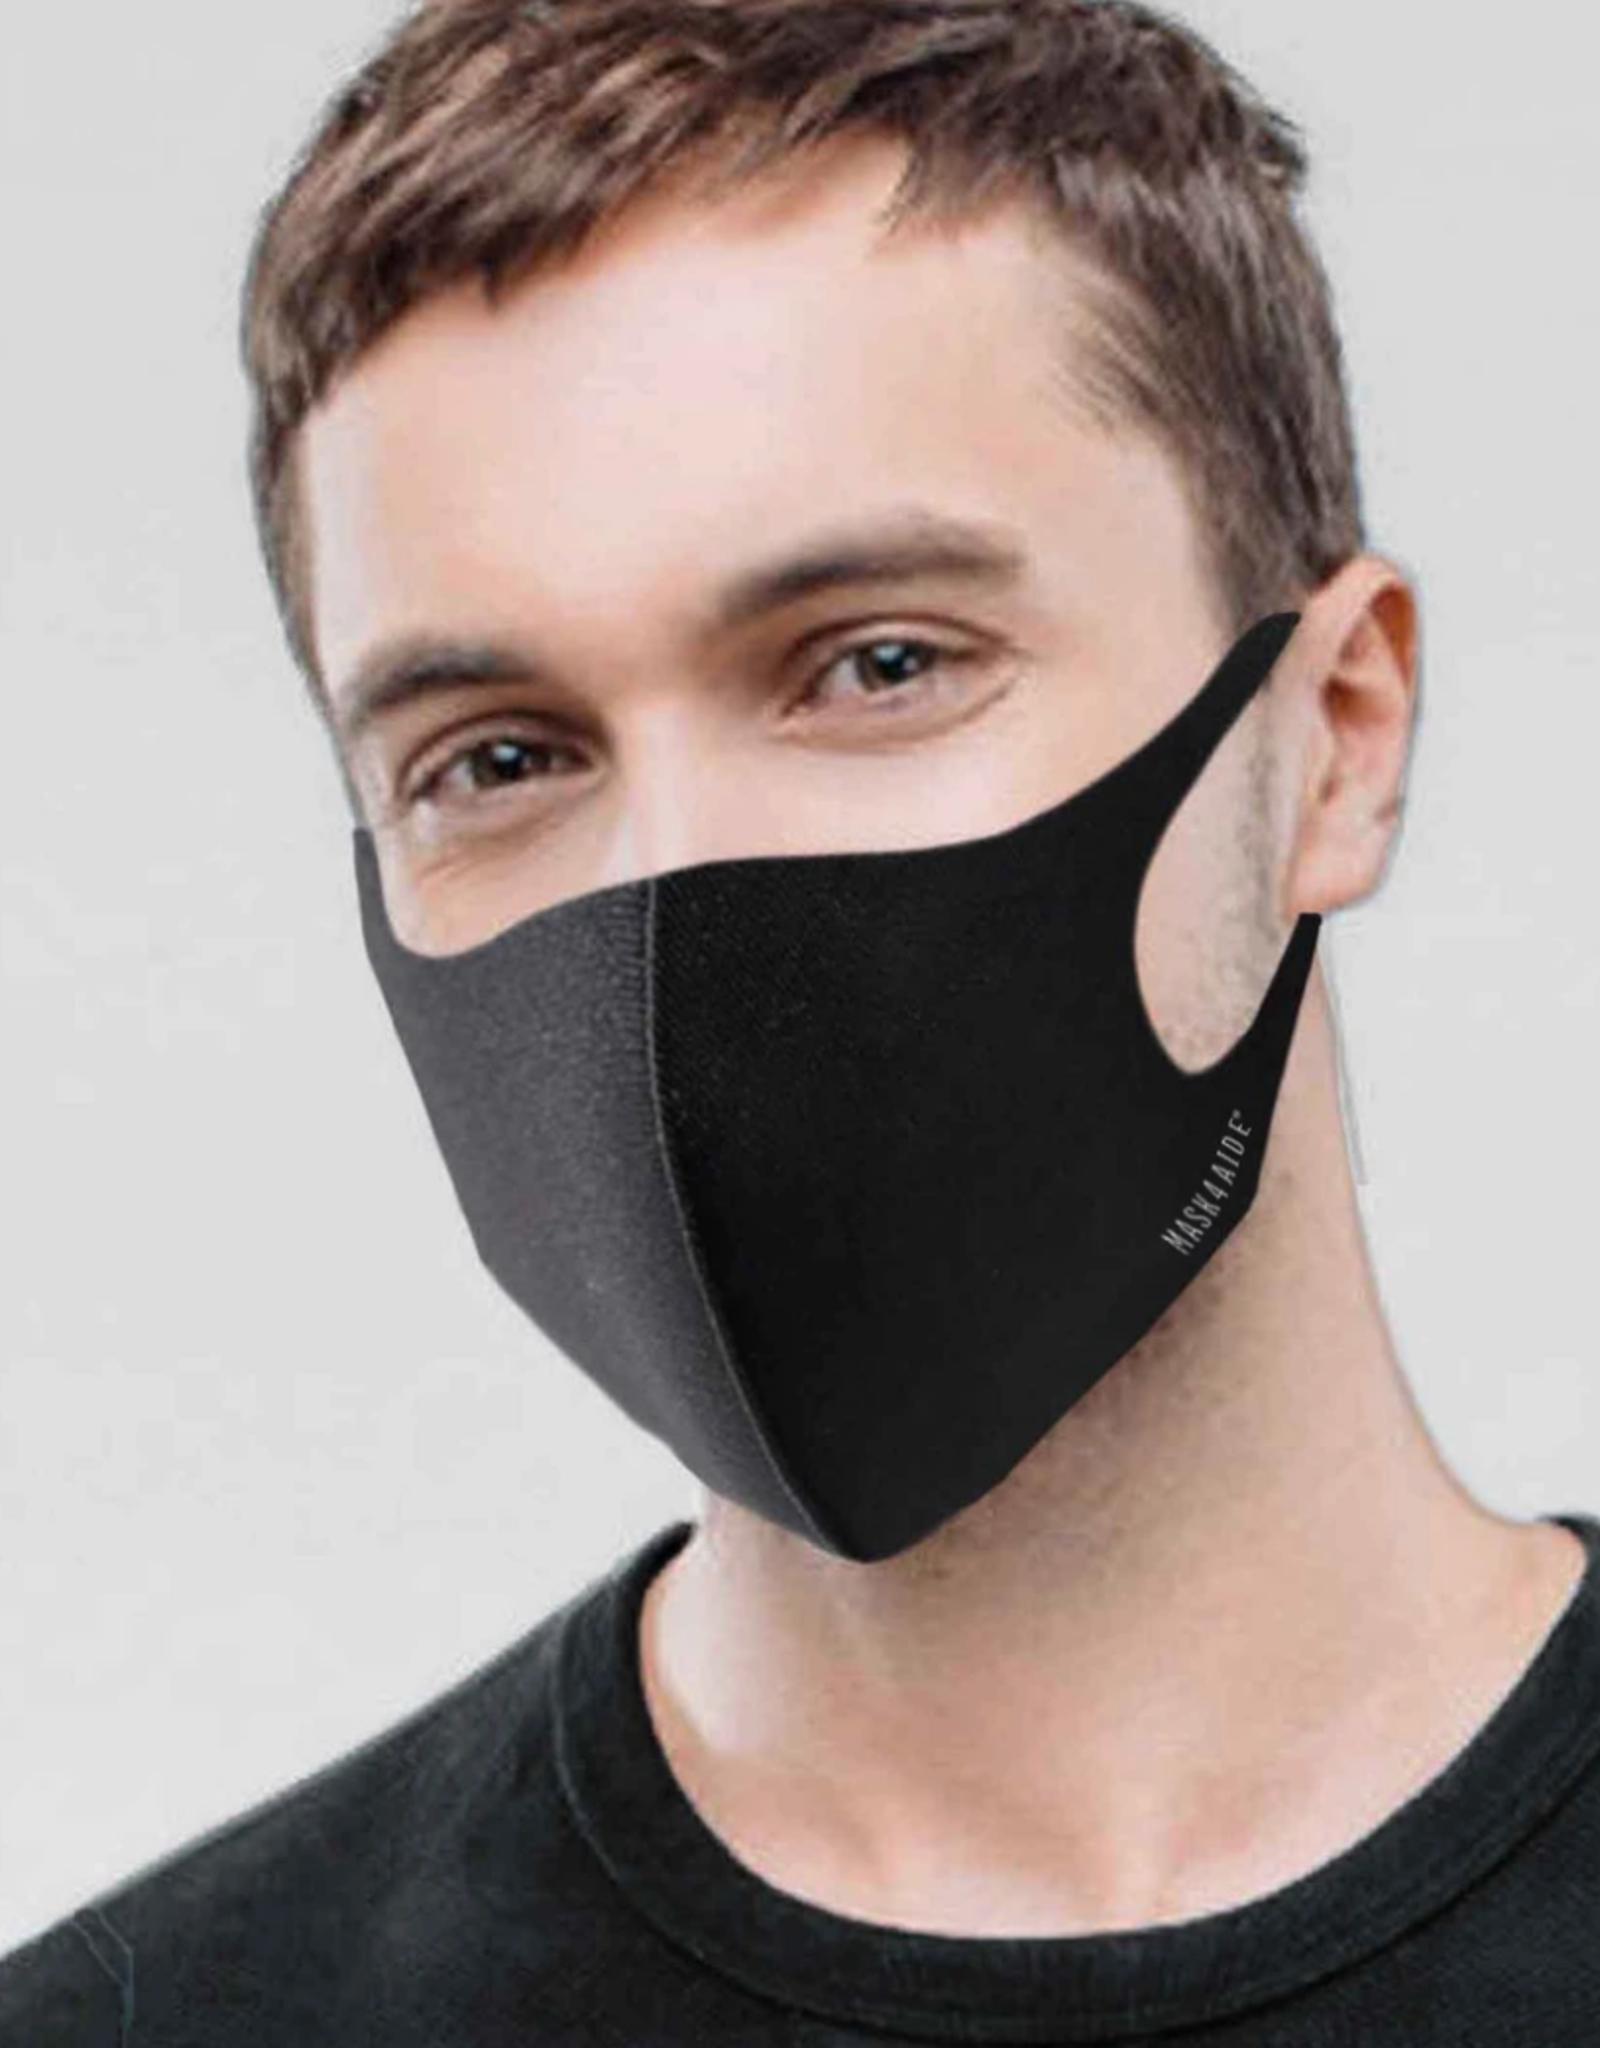 Mask 4 Aid - Unisex Mask - Black